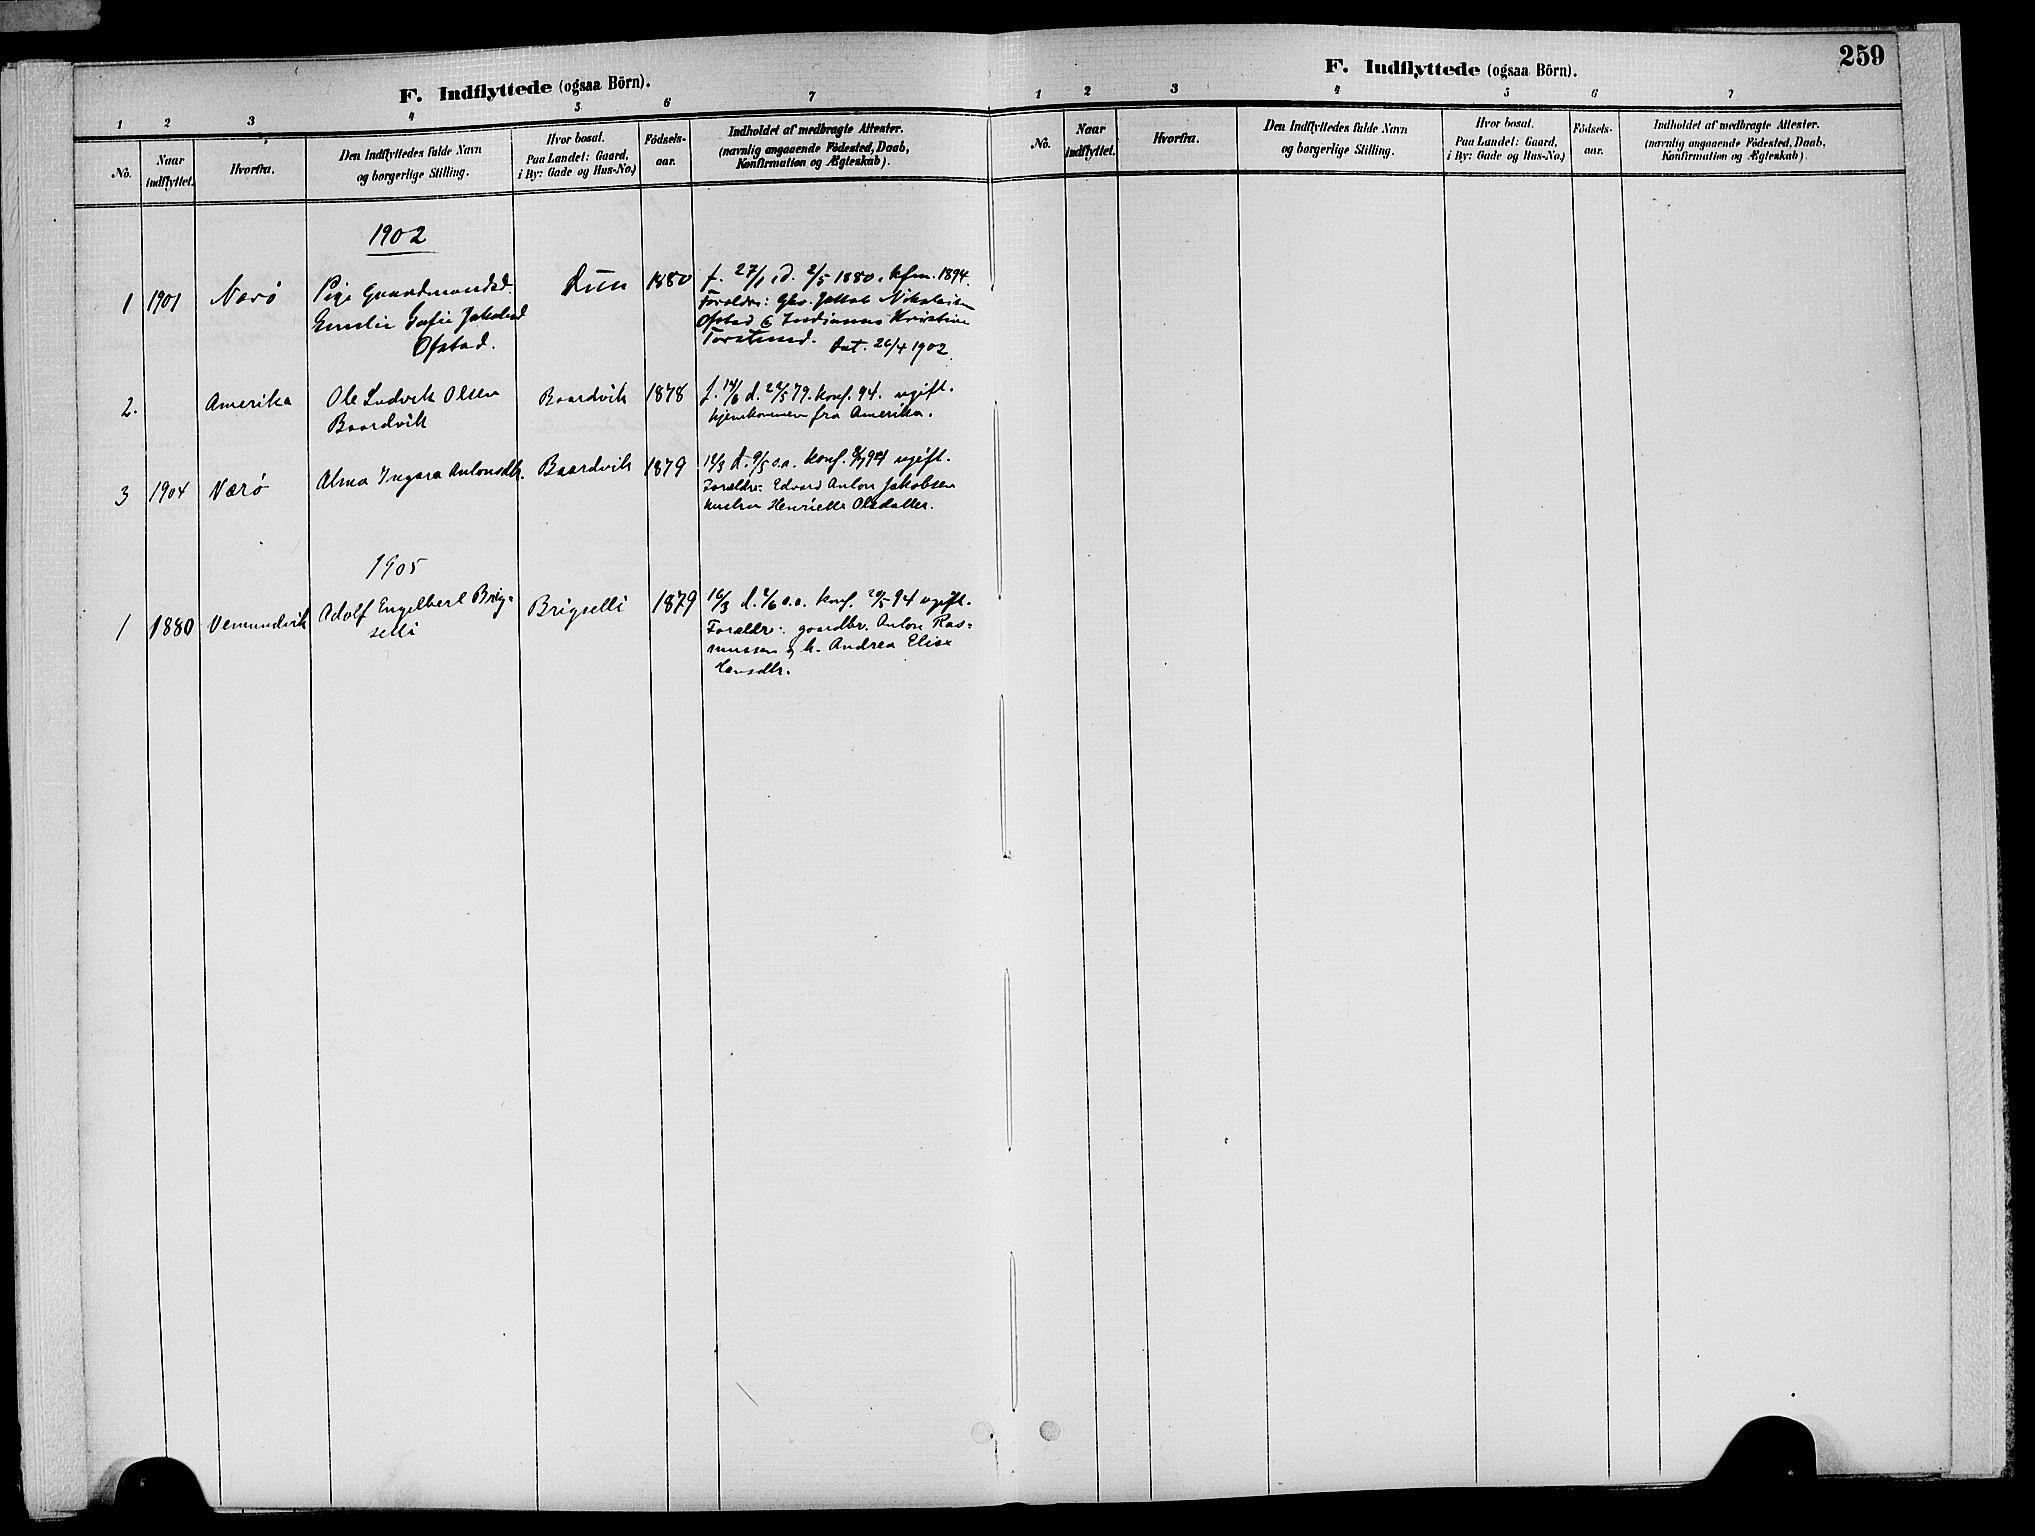 SAT, Ministerialprotokoller, klokkerbøker og fødselsregistre - Nord-Trøndelag, 773/L0617: Ministerialbok nr. 773A08, 1887-1910, s. 259